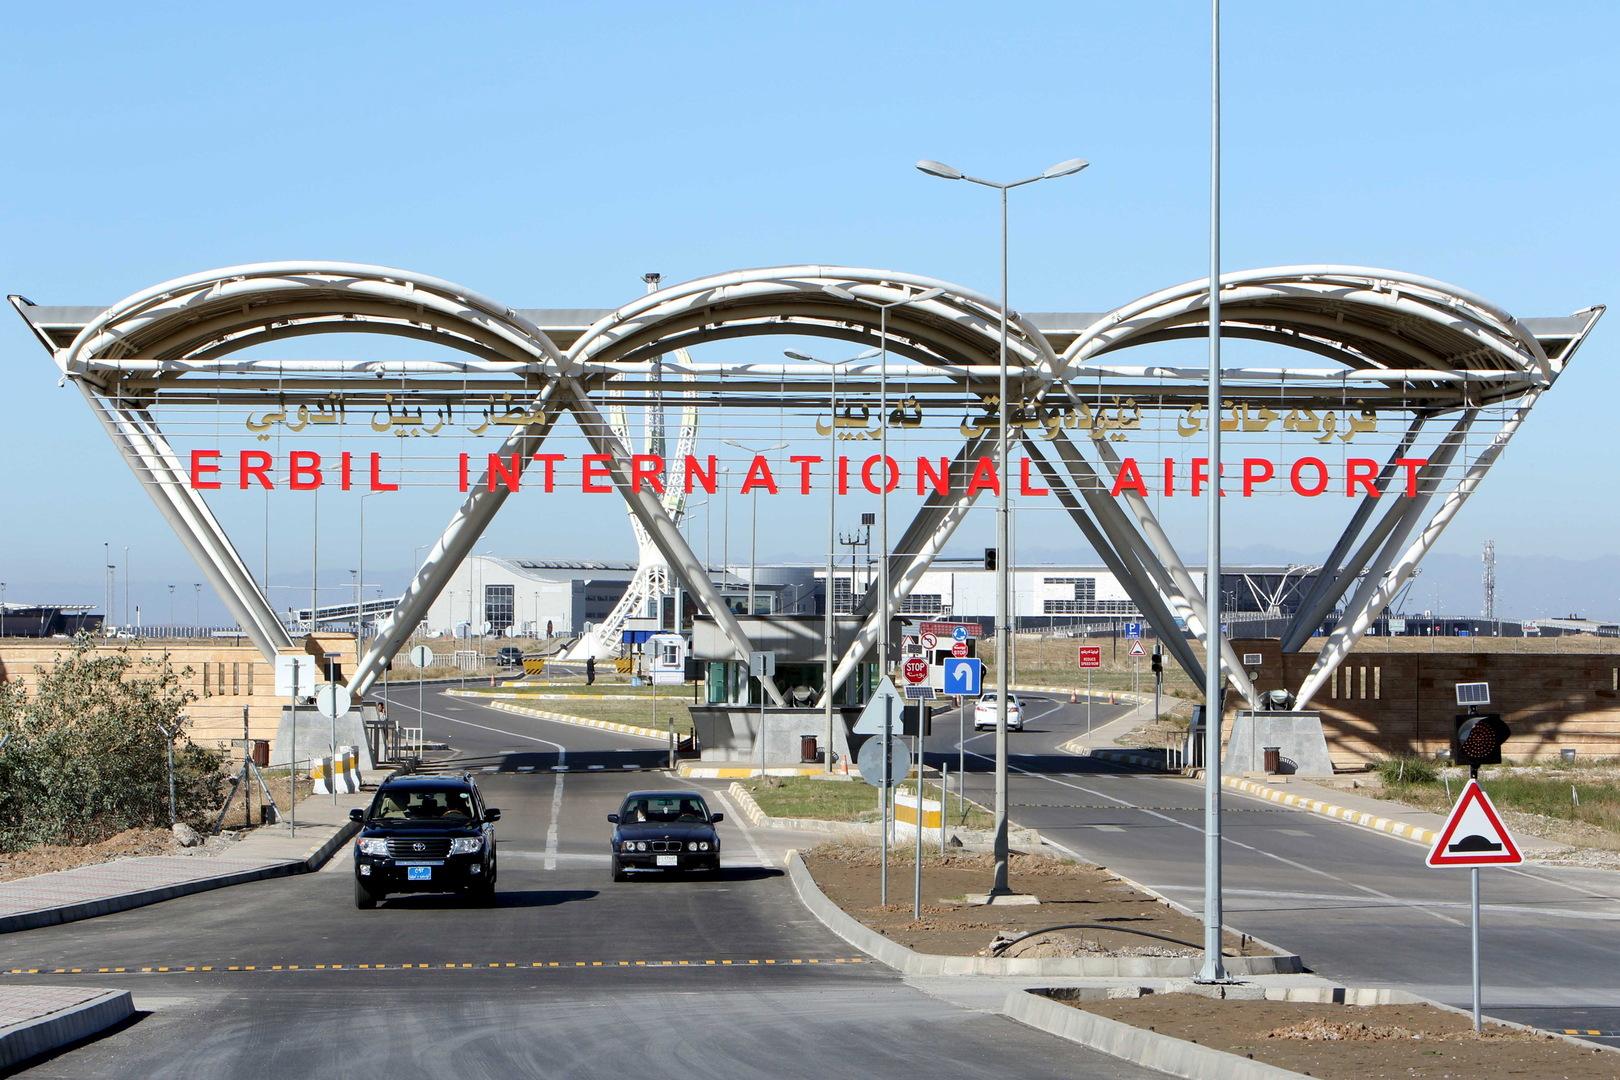 مراسلنا: عودة الملاحة إلى مطار أربيل بعد الهجوم الذي طاله